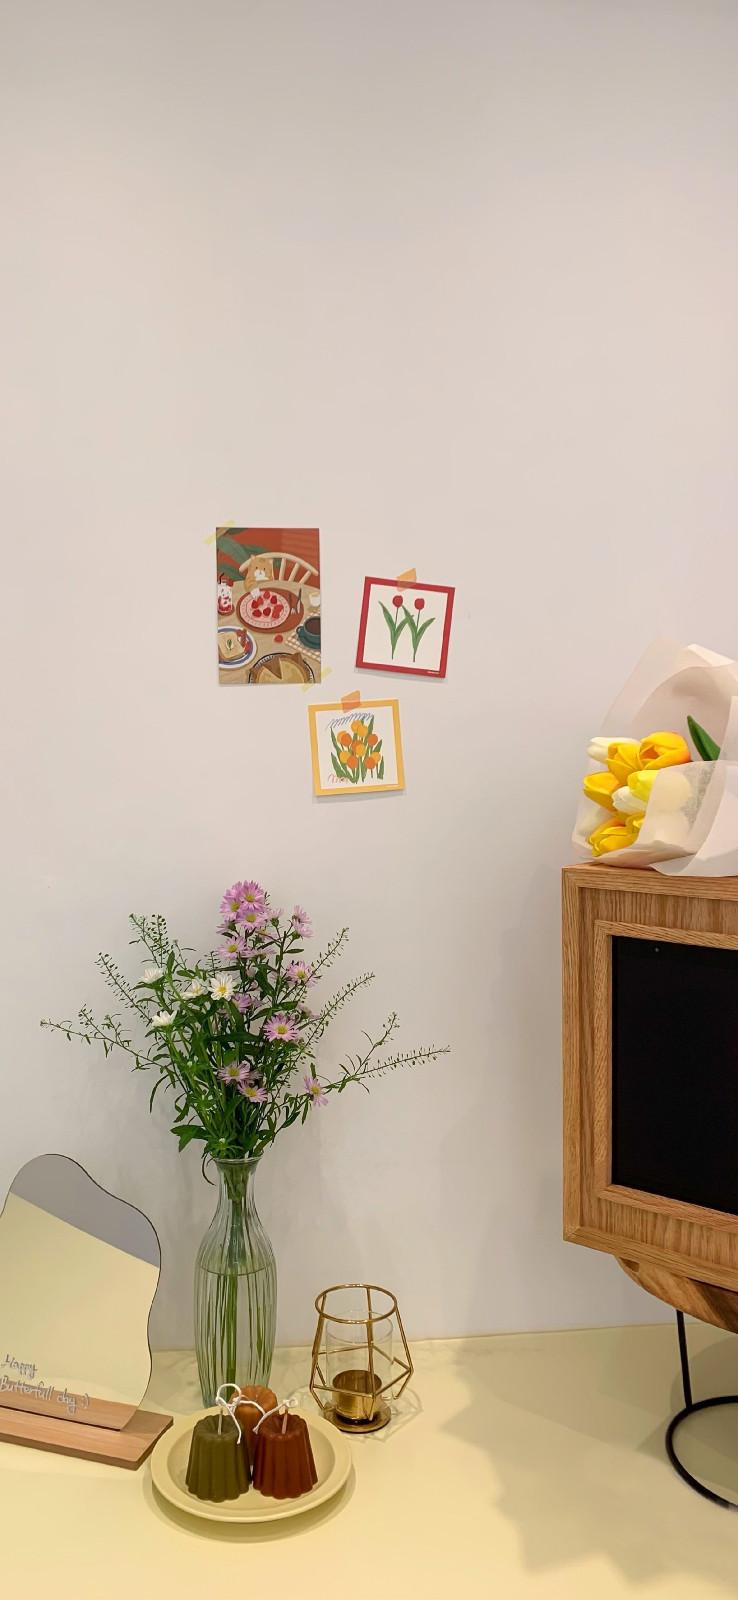 美好生活记录图片手机壁纸|给生活送一束花的仪